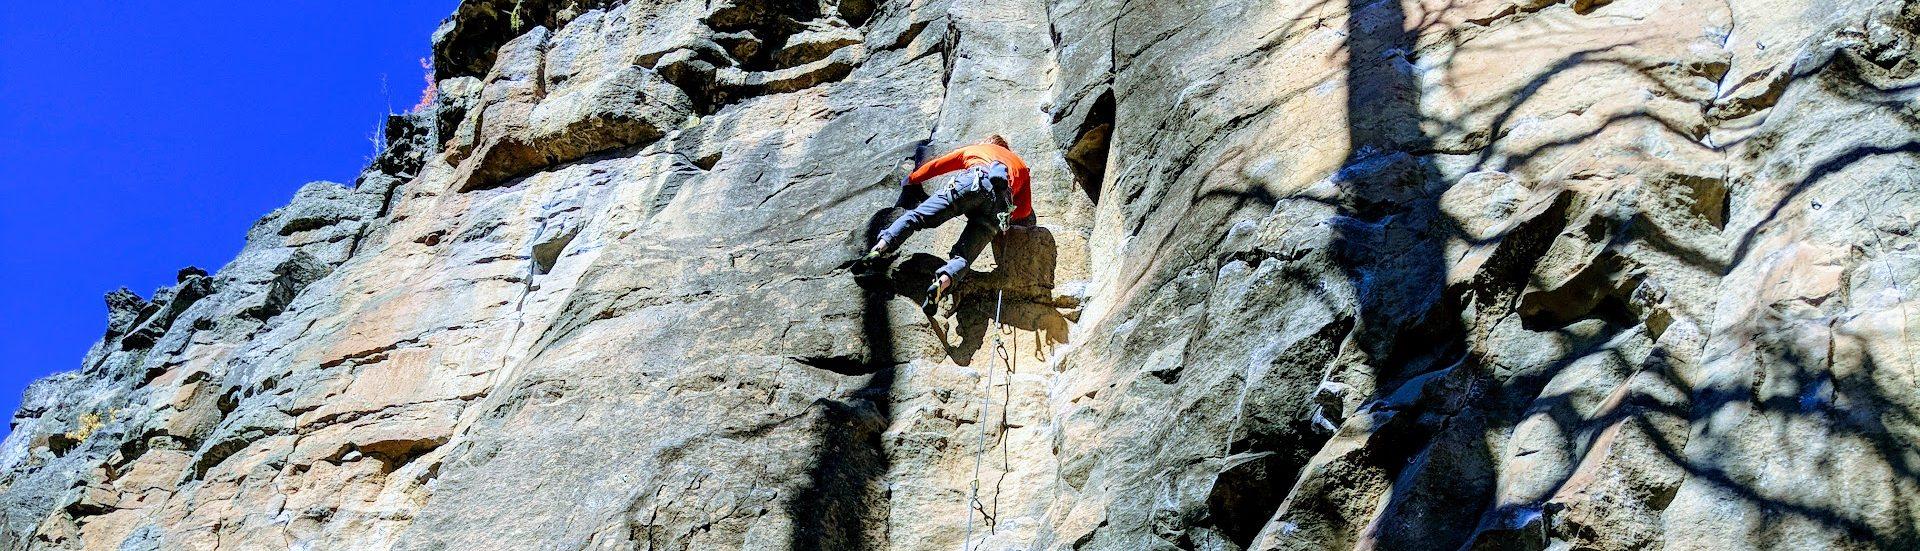 Yakima Climbing Scene